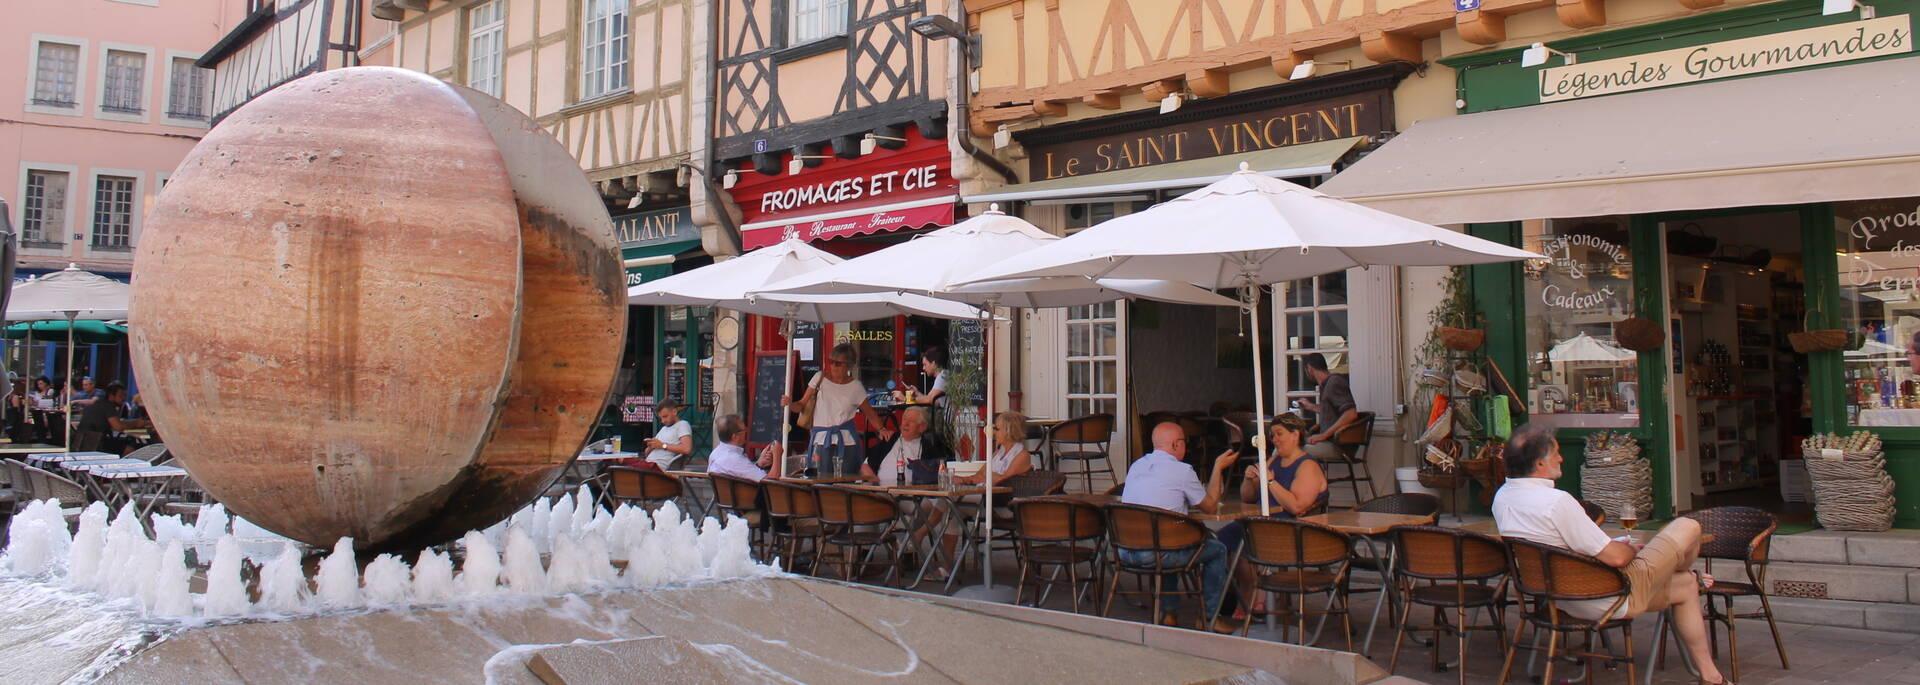 Place Saint Vincent Chalon sur Saône